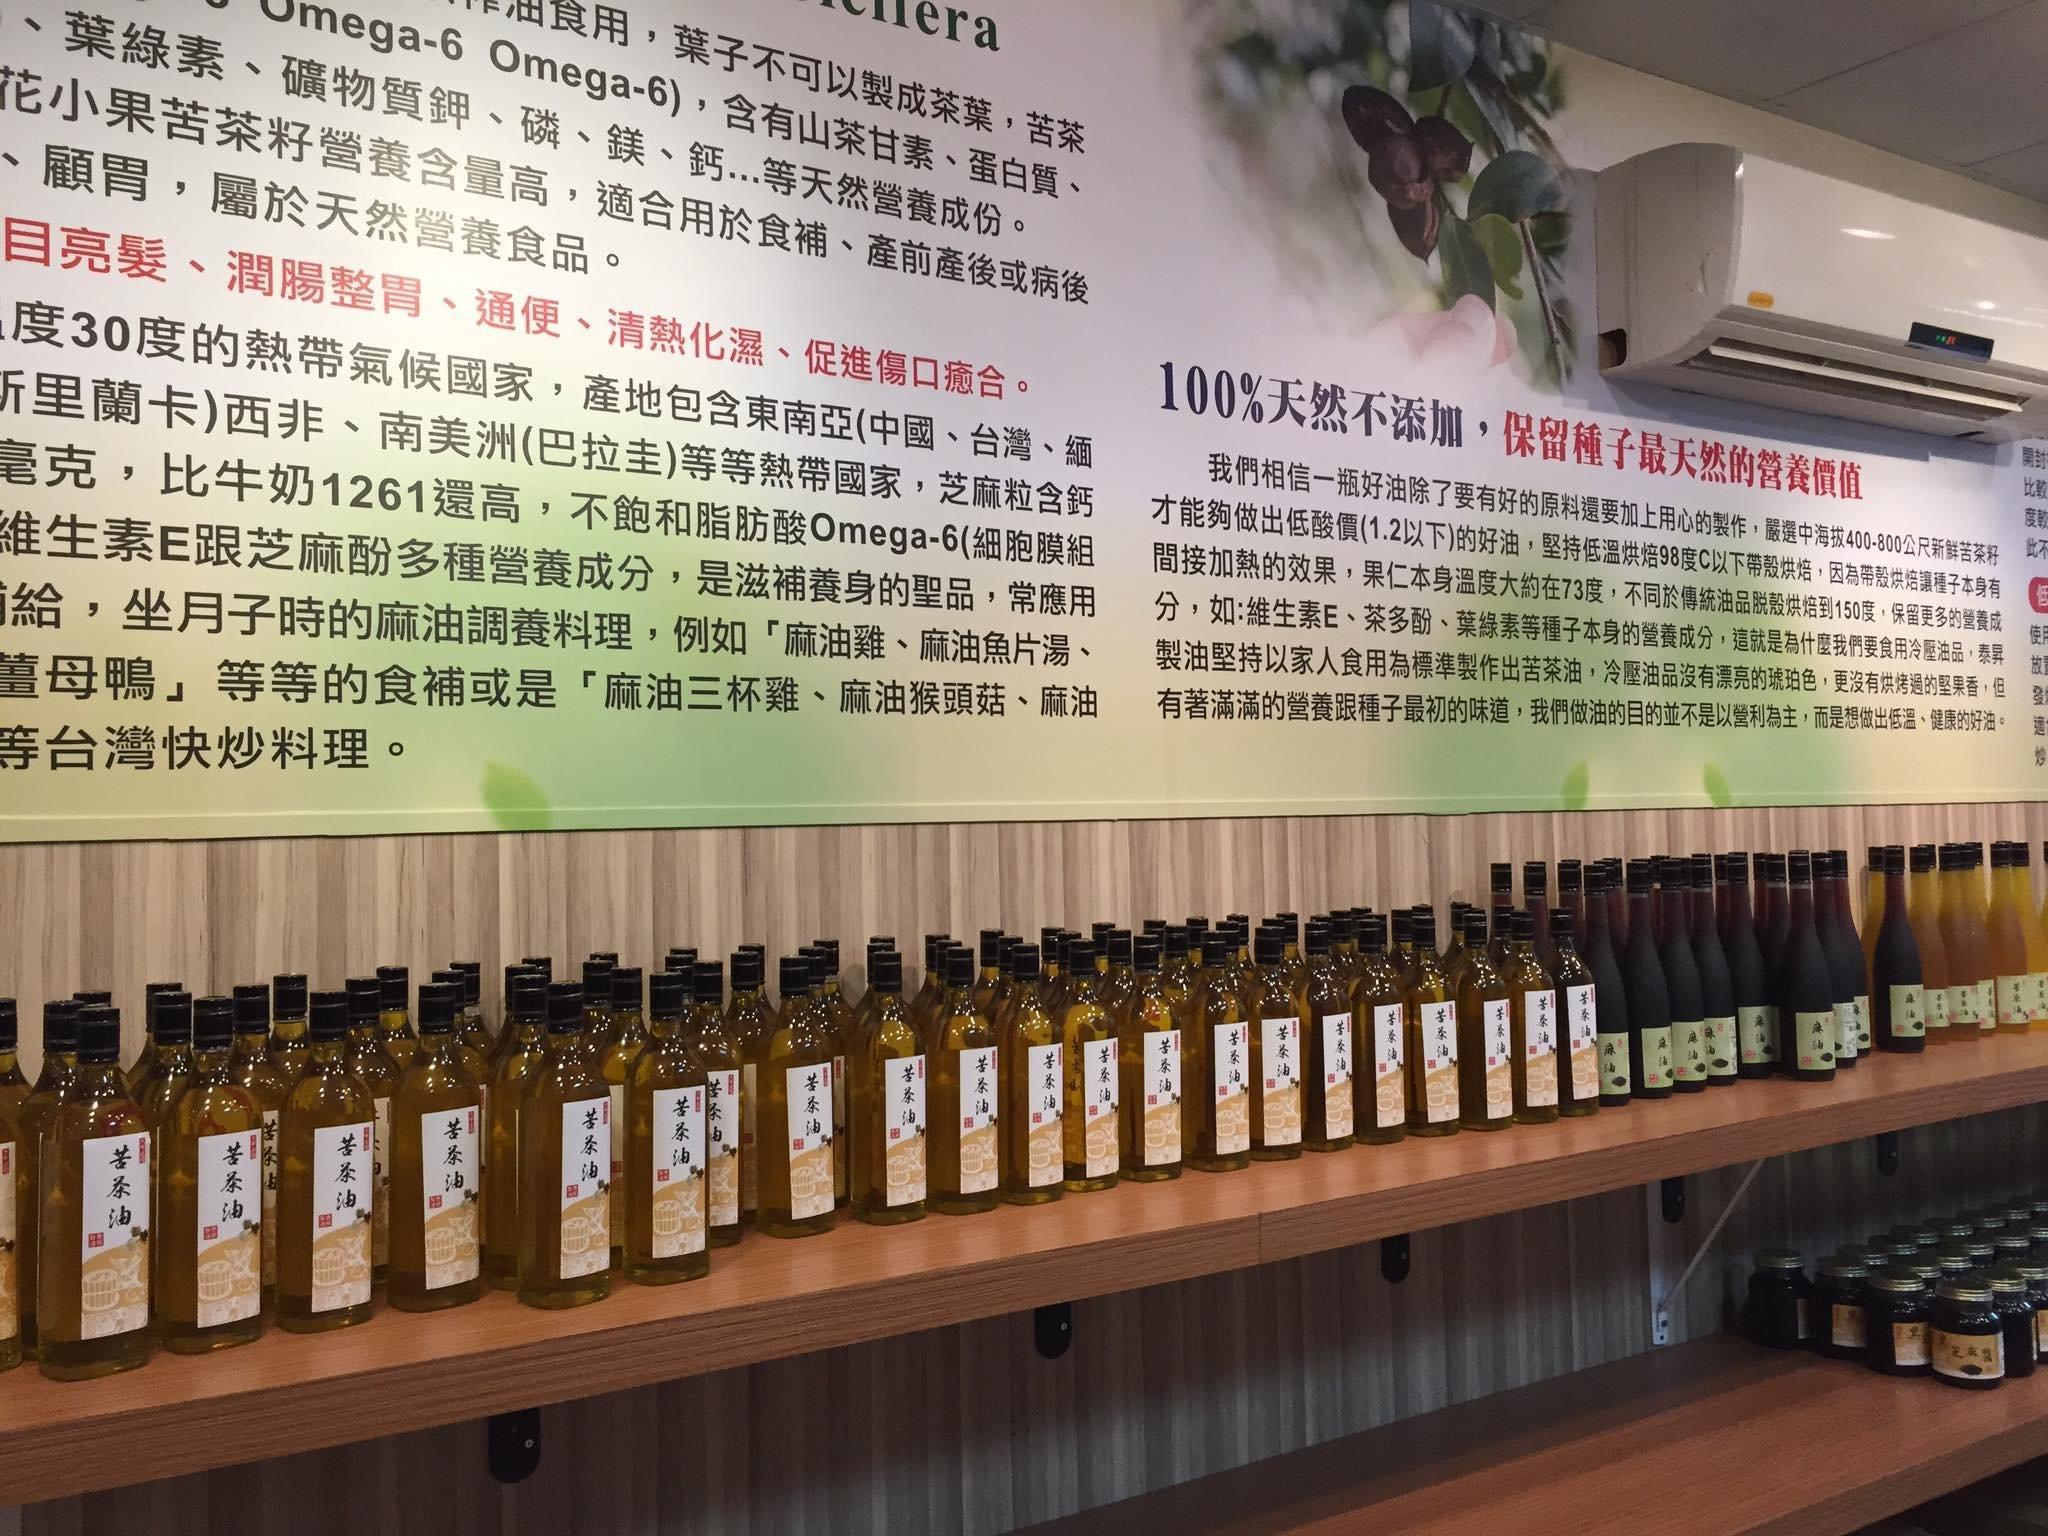 【國家食品檢驗保證 選好油 用心把關】泰昇 500ML 高泠低溫苦茶油 台灣食安檢驗全數通過 數十萬人推薦 各大餐廳指名